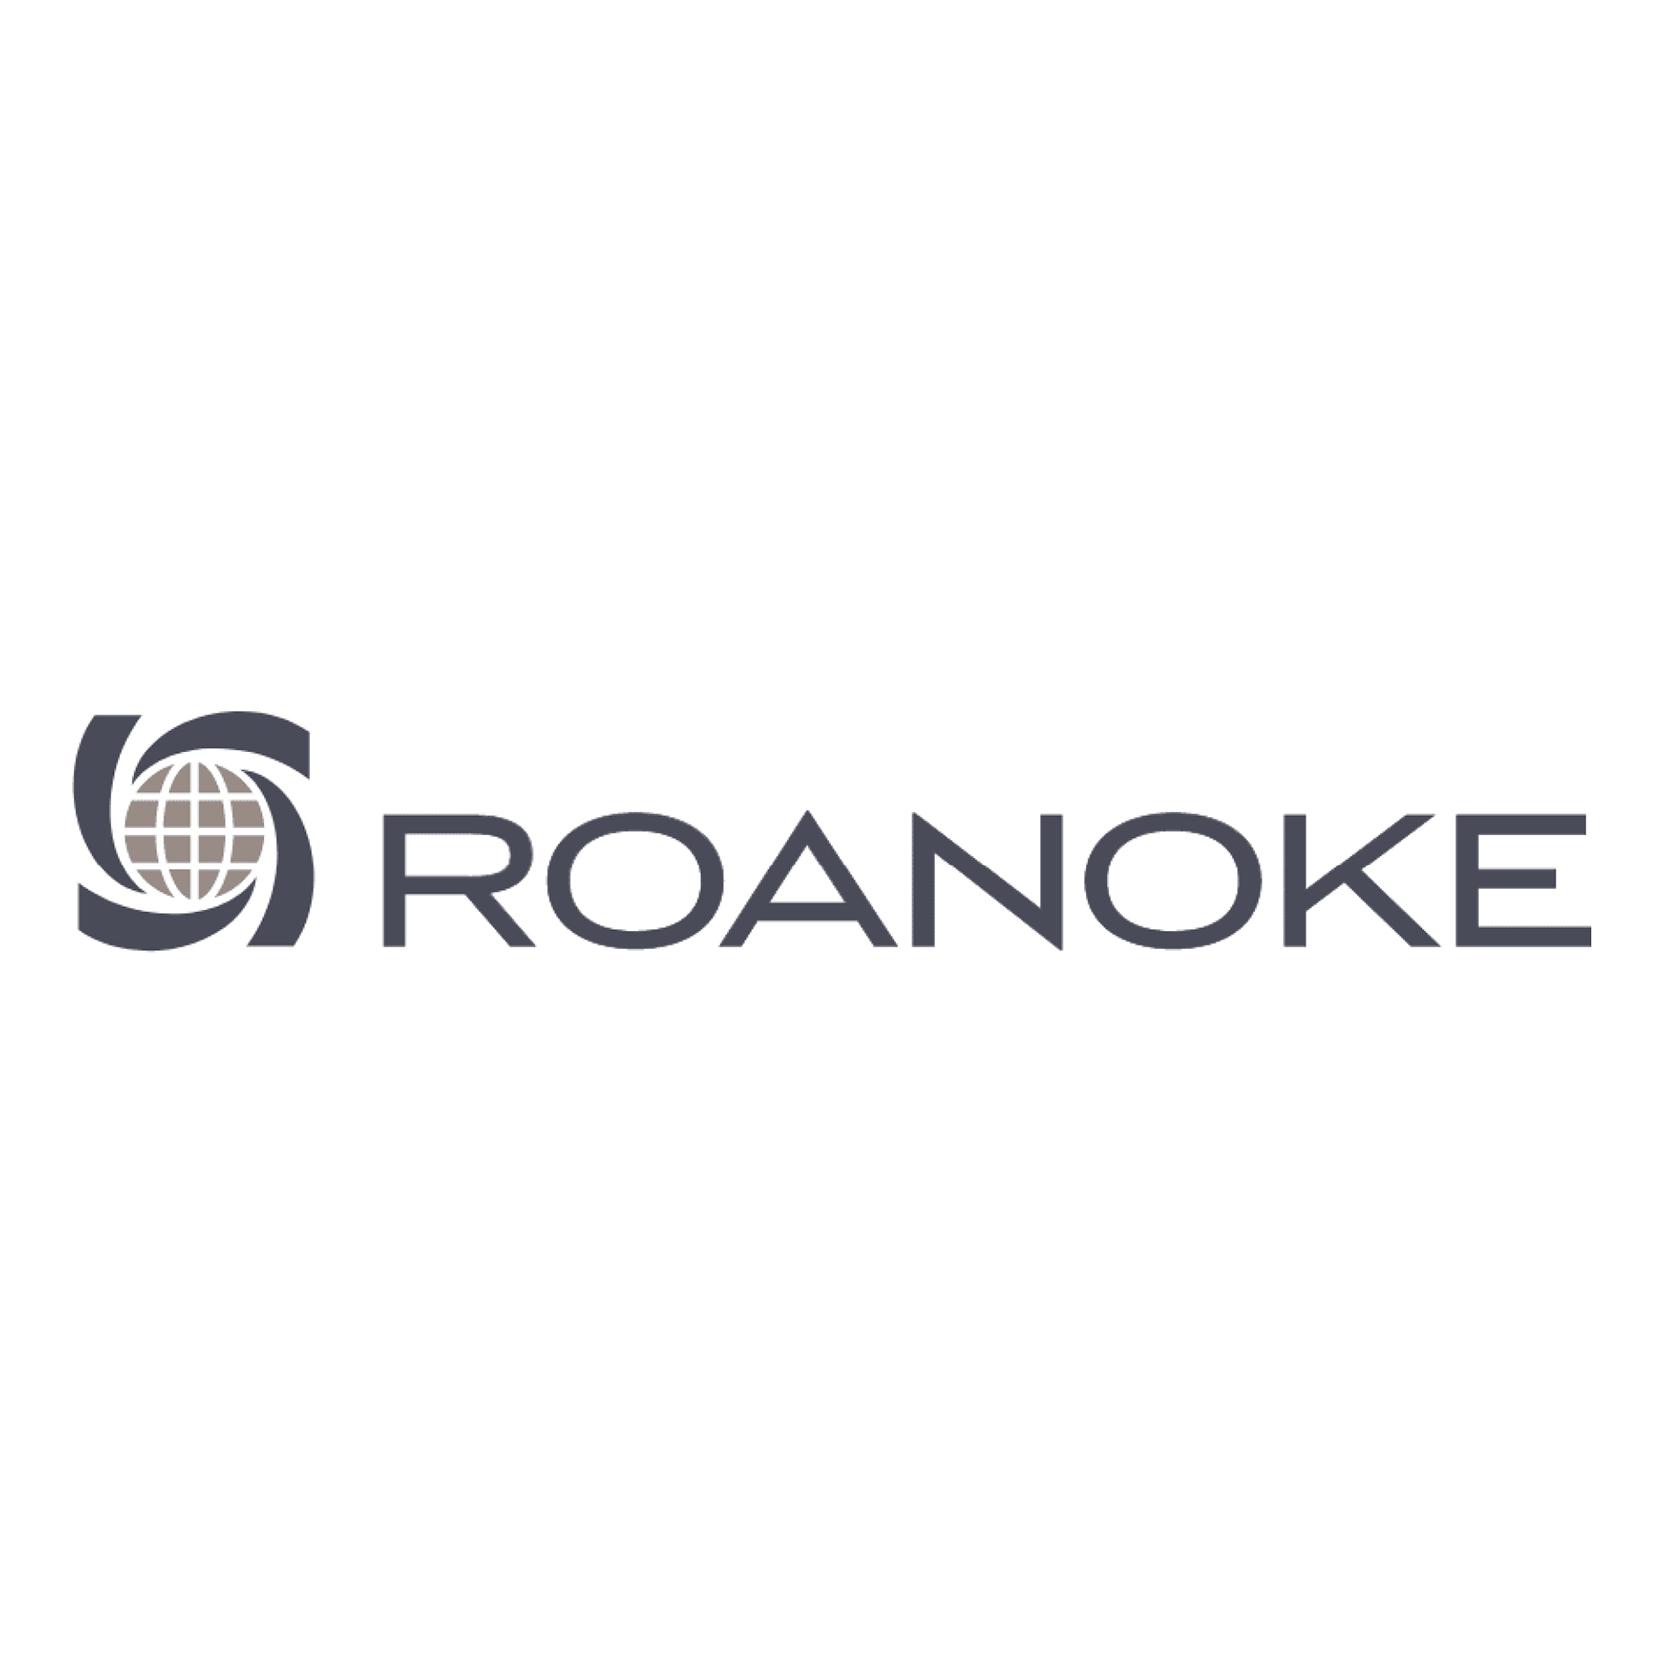 Expo Hall Logo 400x400 (Roanoke)